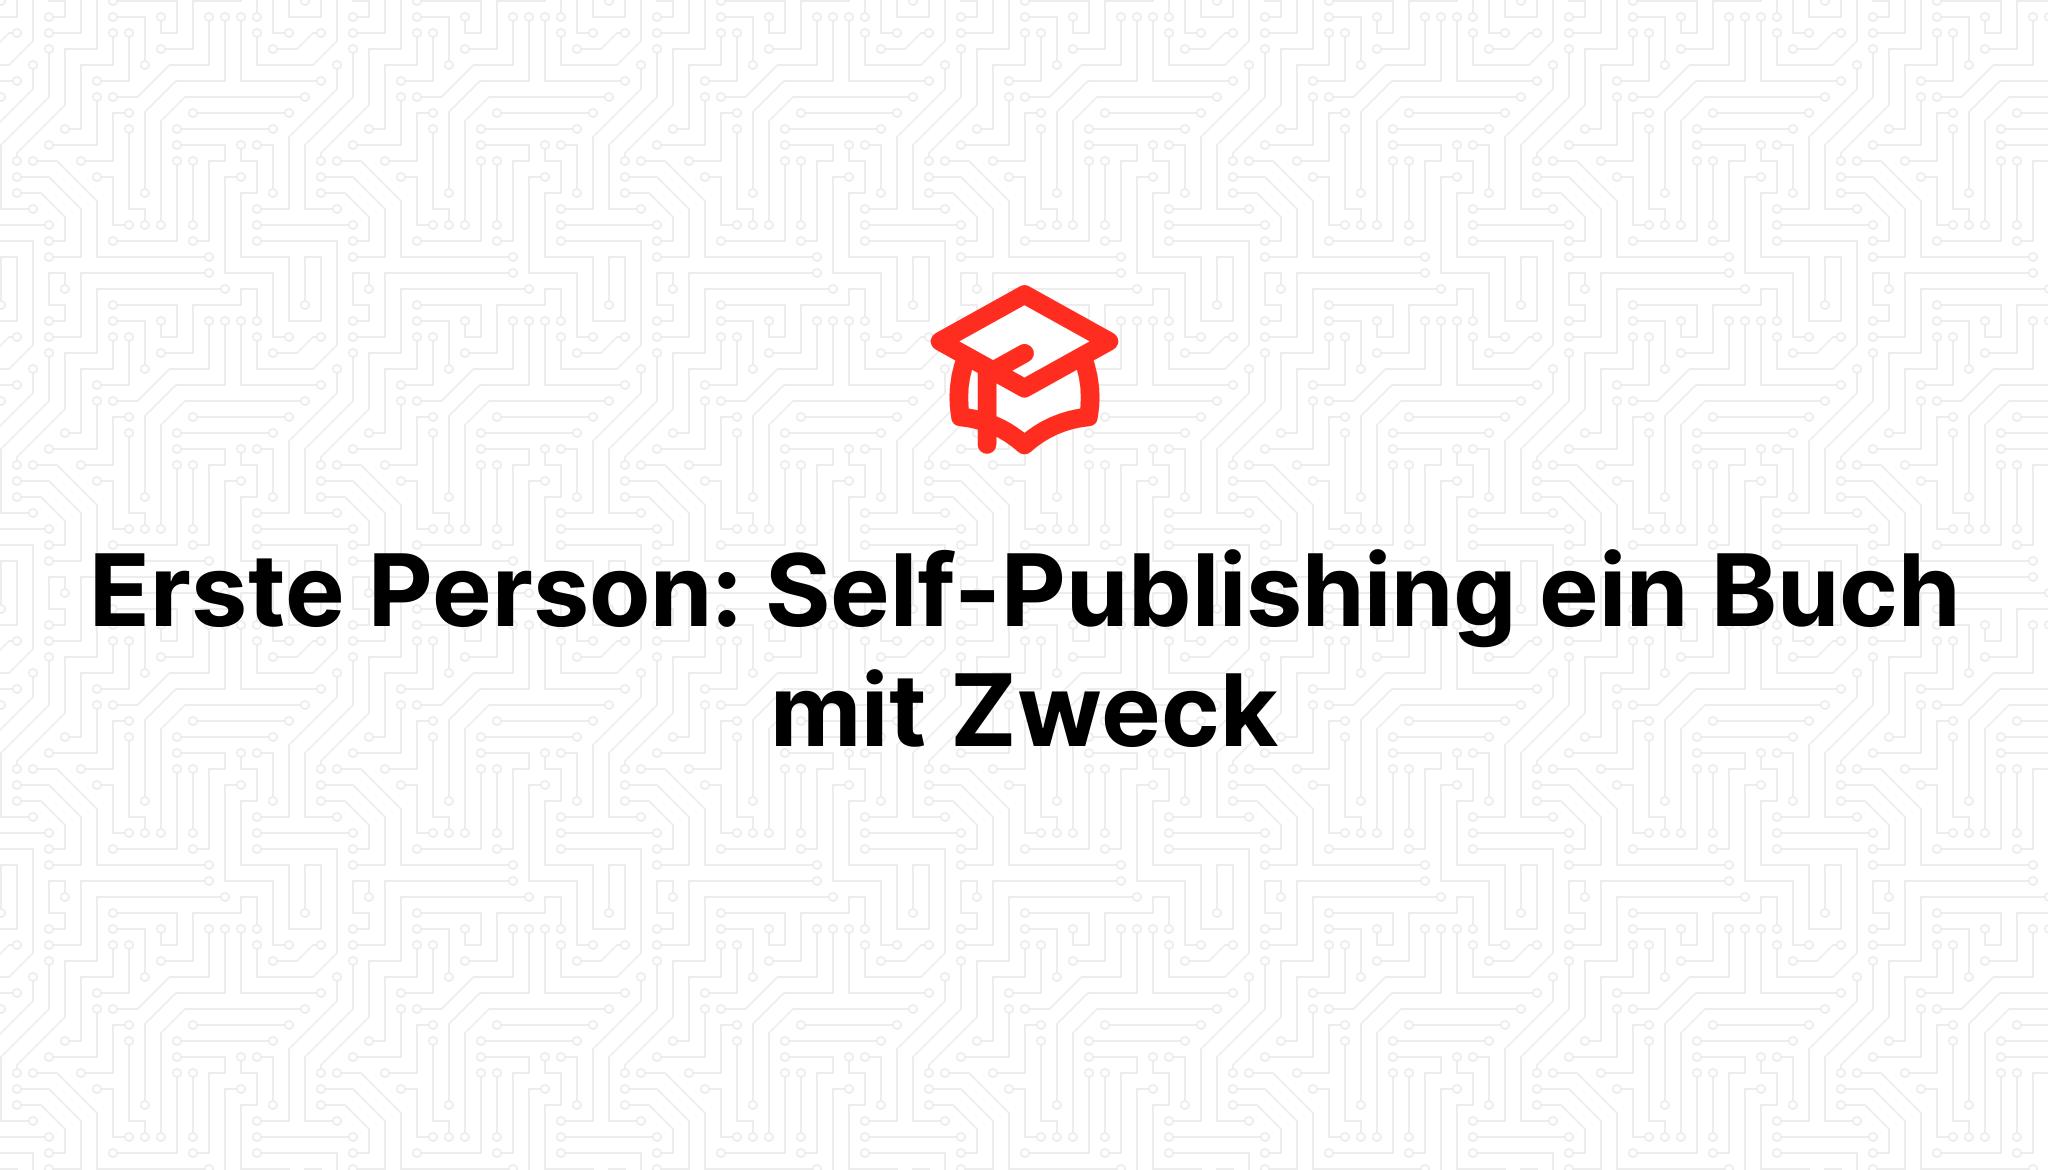 Erste Person: Self-Publishing ein Buch mit Zweck